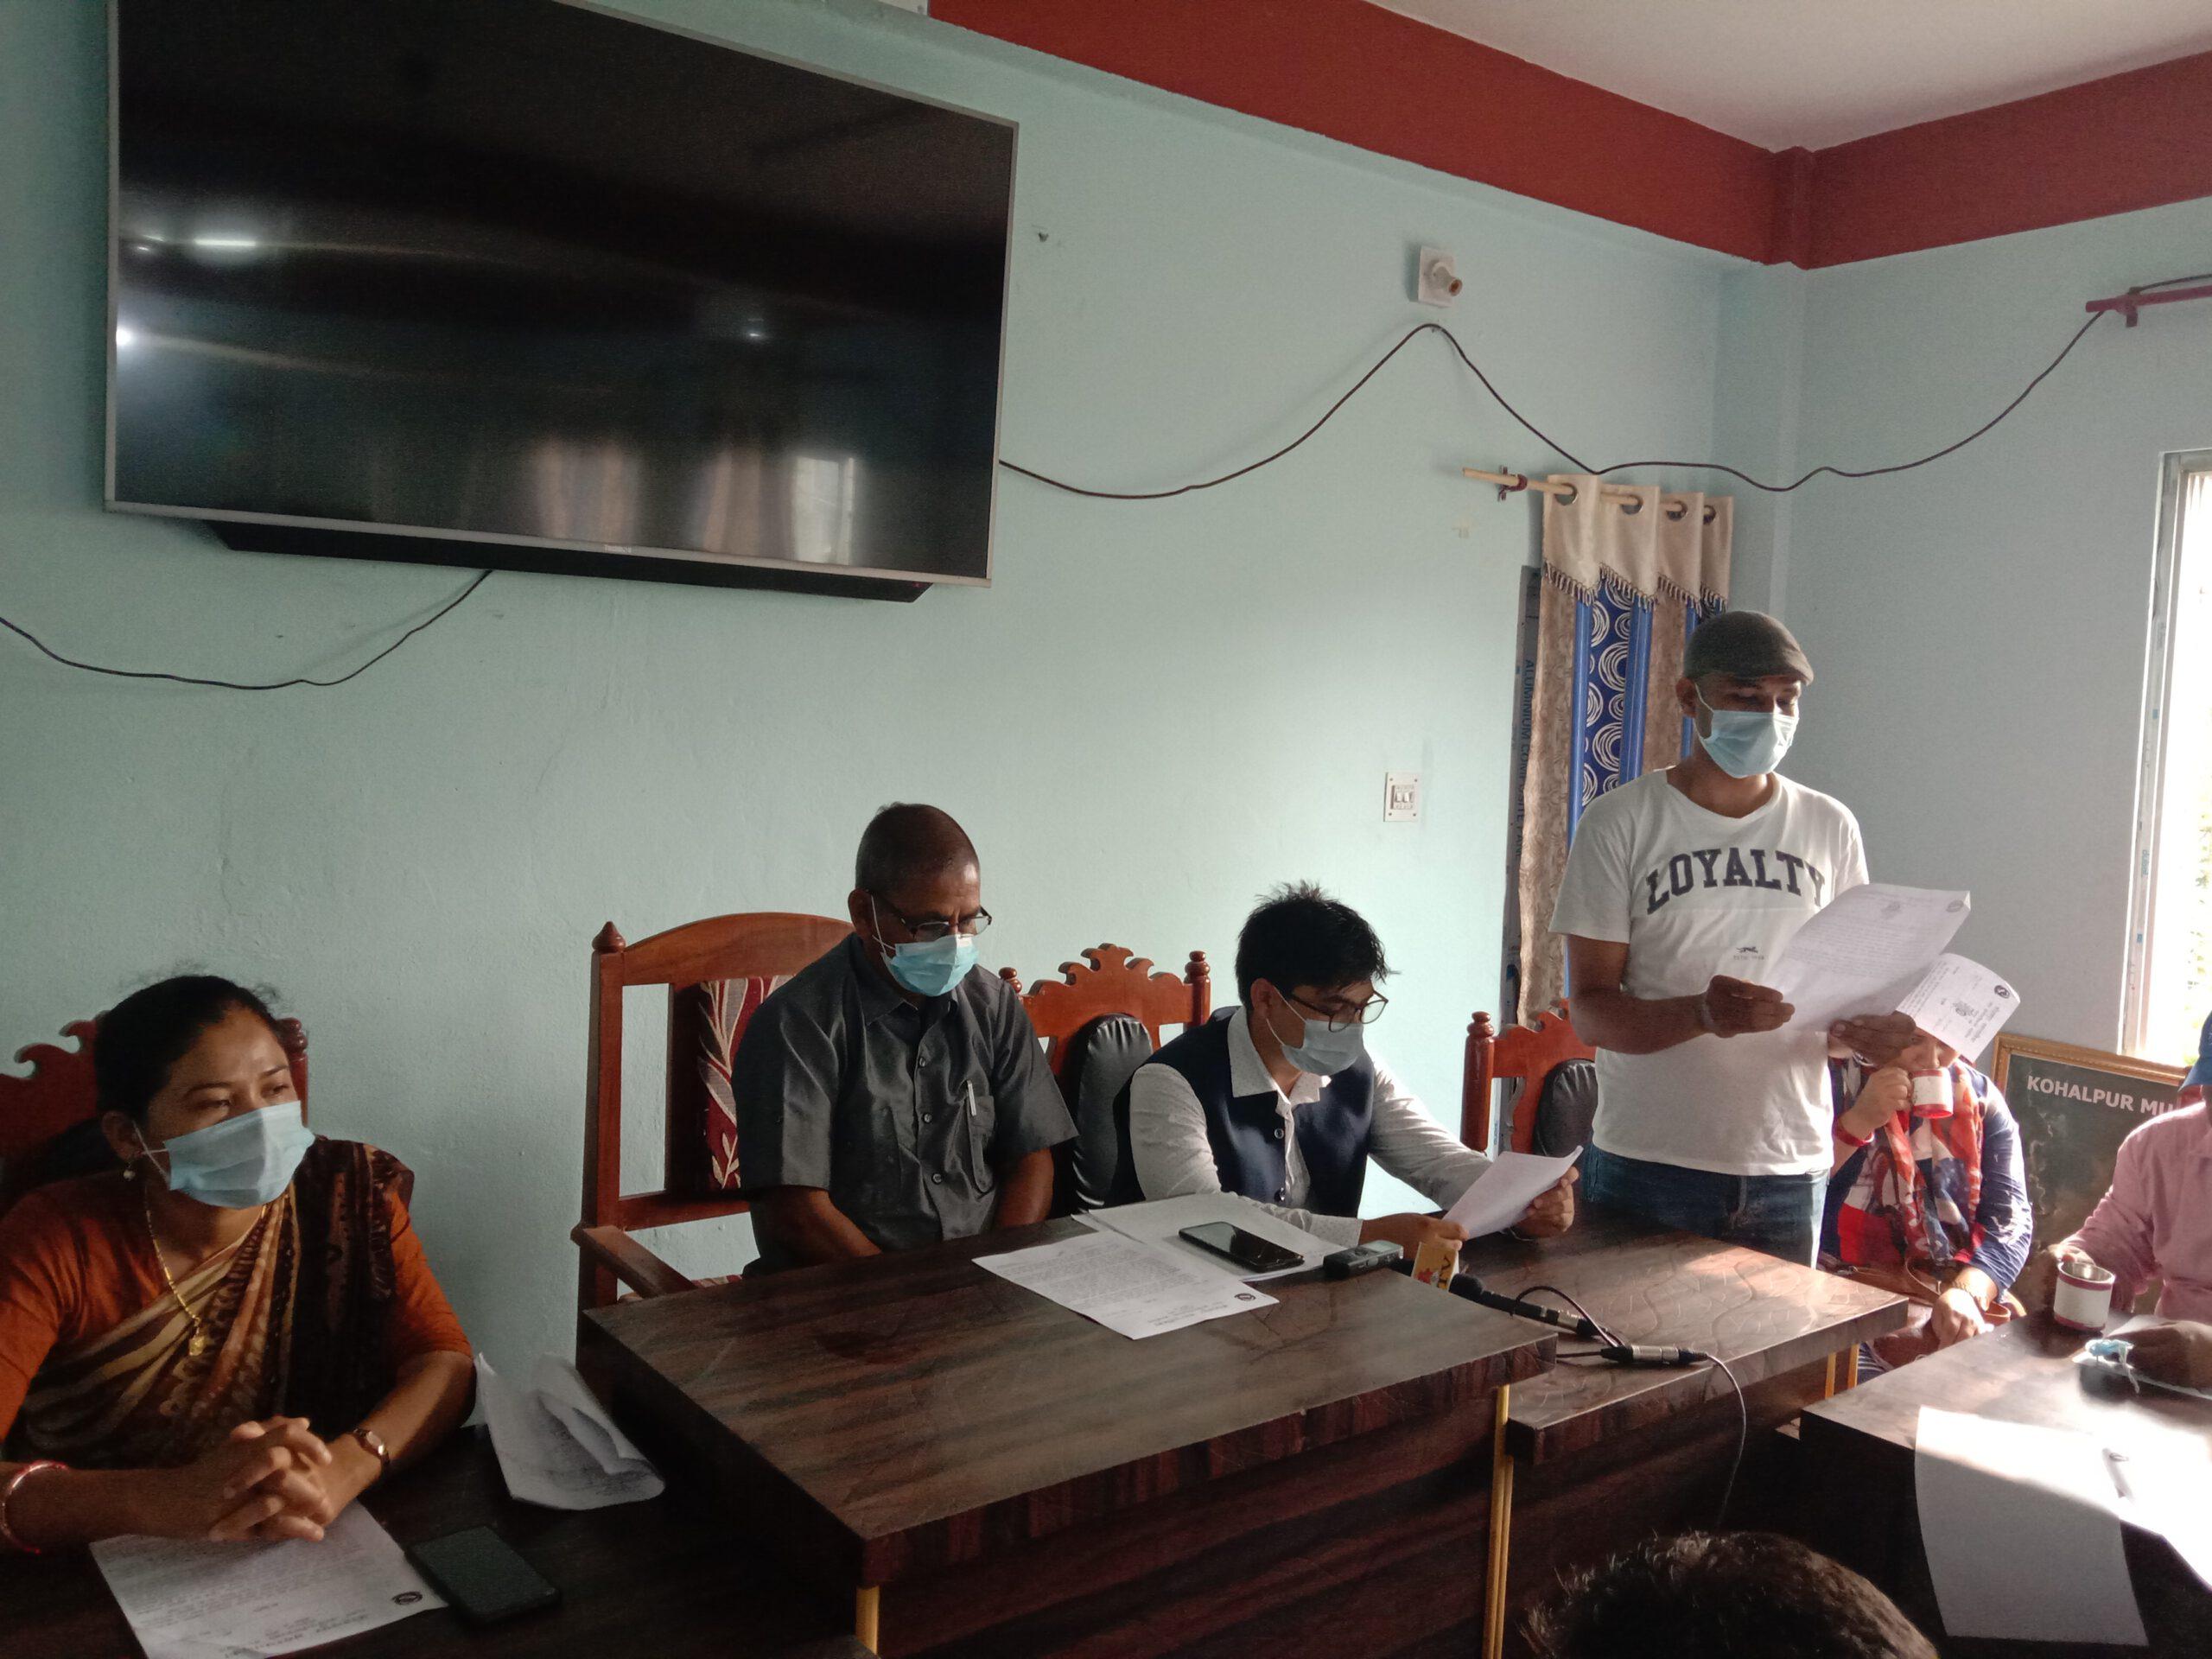 काेराेना महामारीकाे बेला जनप्रतिनिधिले अनुगमनकाे भत्ता लिएका छैनन – काेहलपुर नगरपालिका